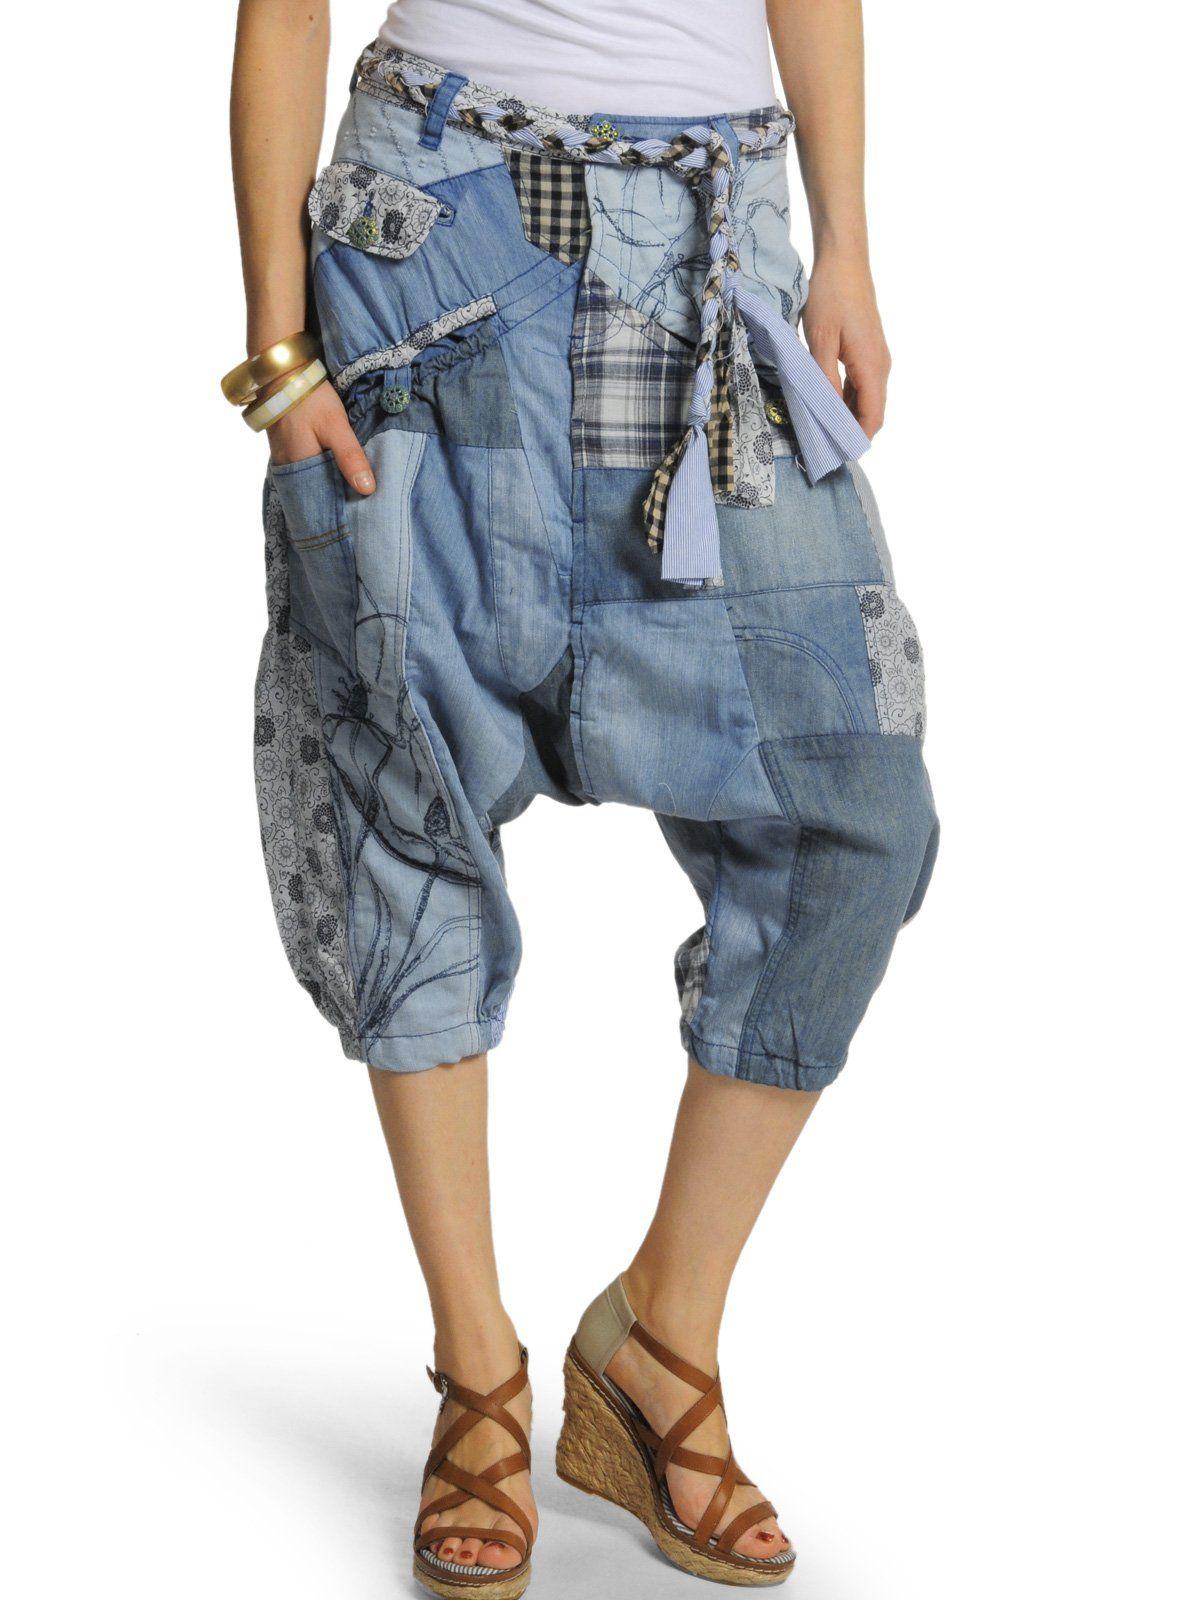 Desigual Damen Loose Jeans Pant Barba Roja, denim, Gr. 26